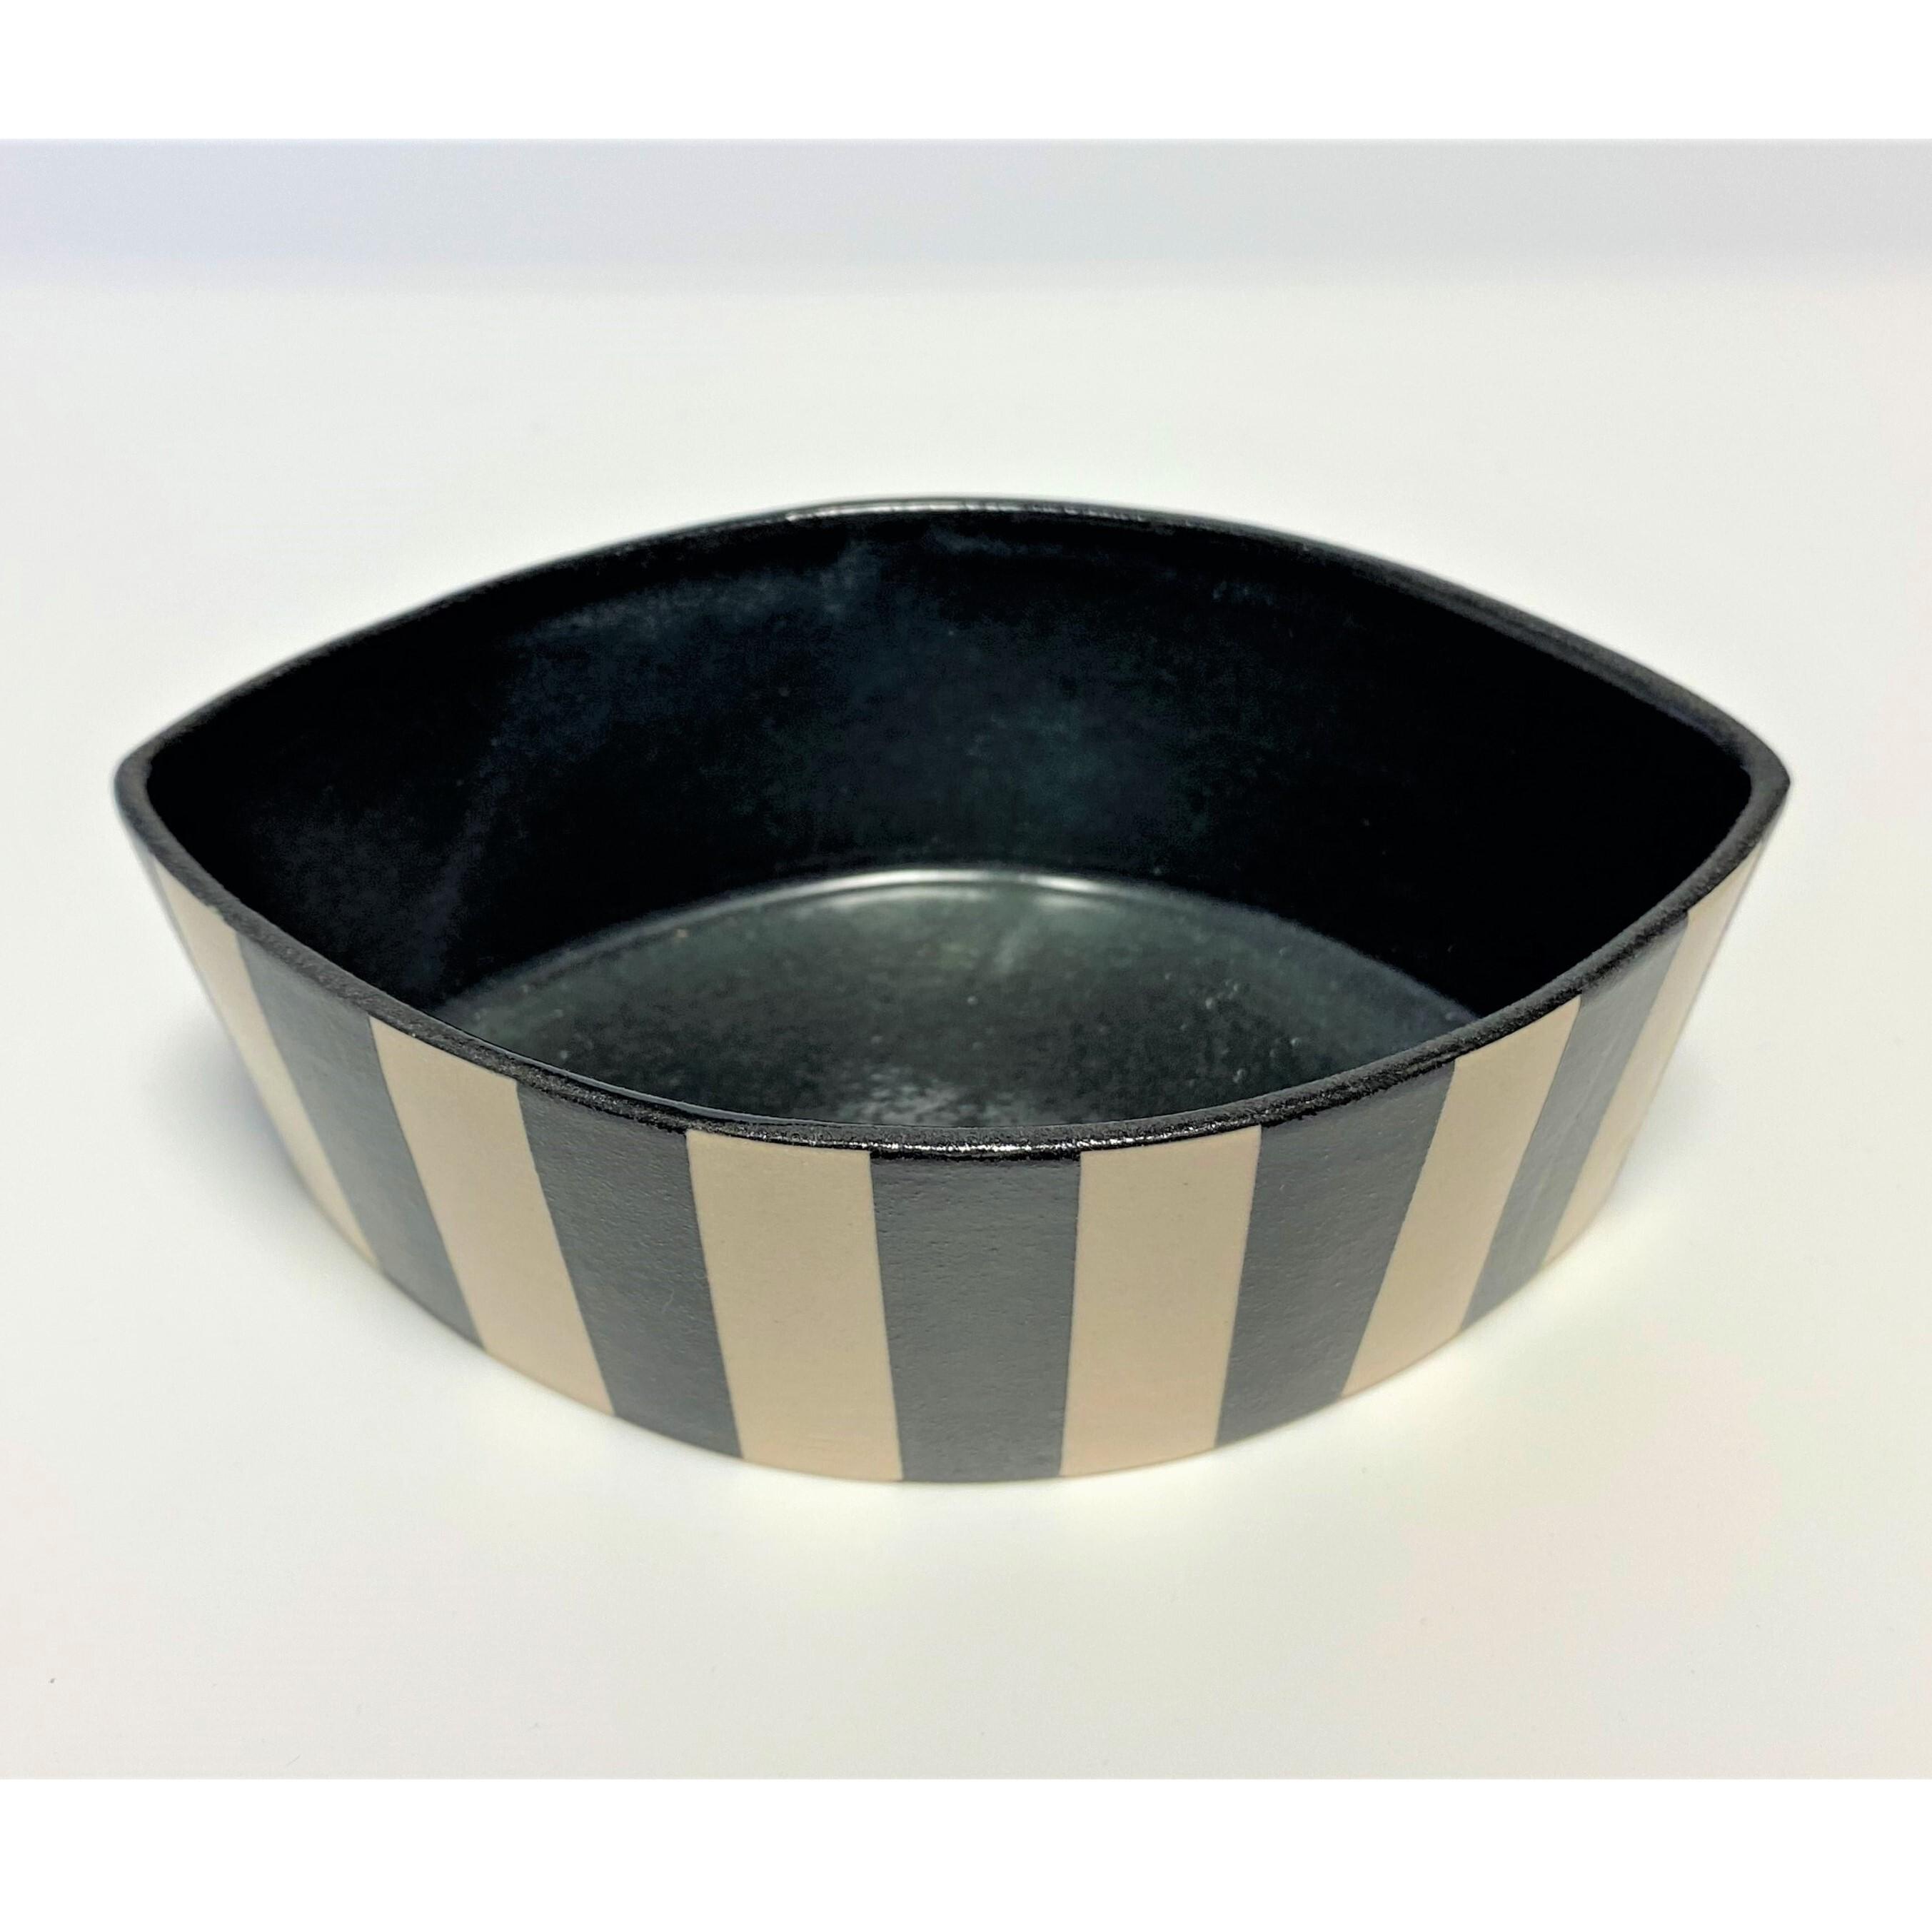 Lene Dahl Olive Bowl ブラック